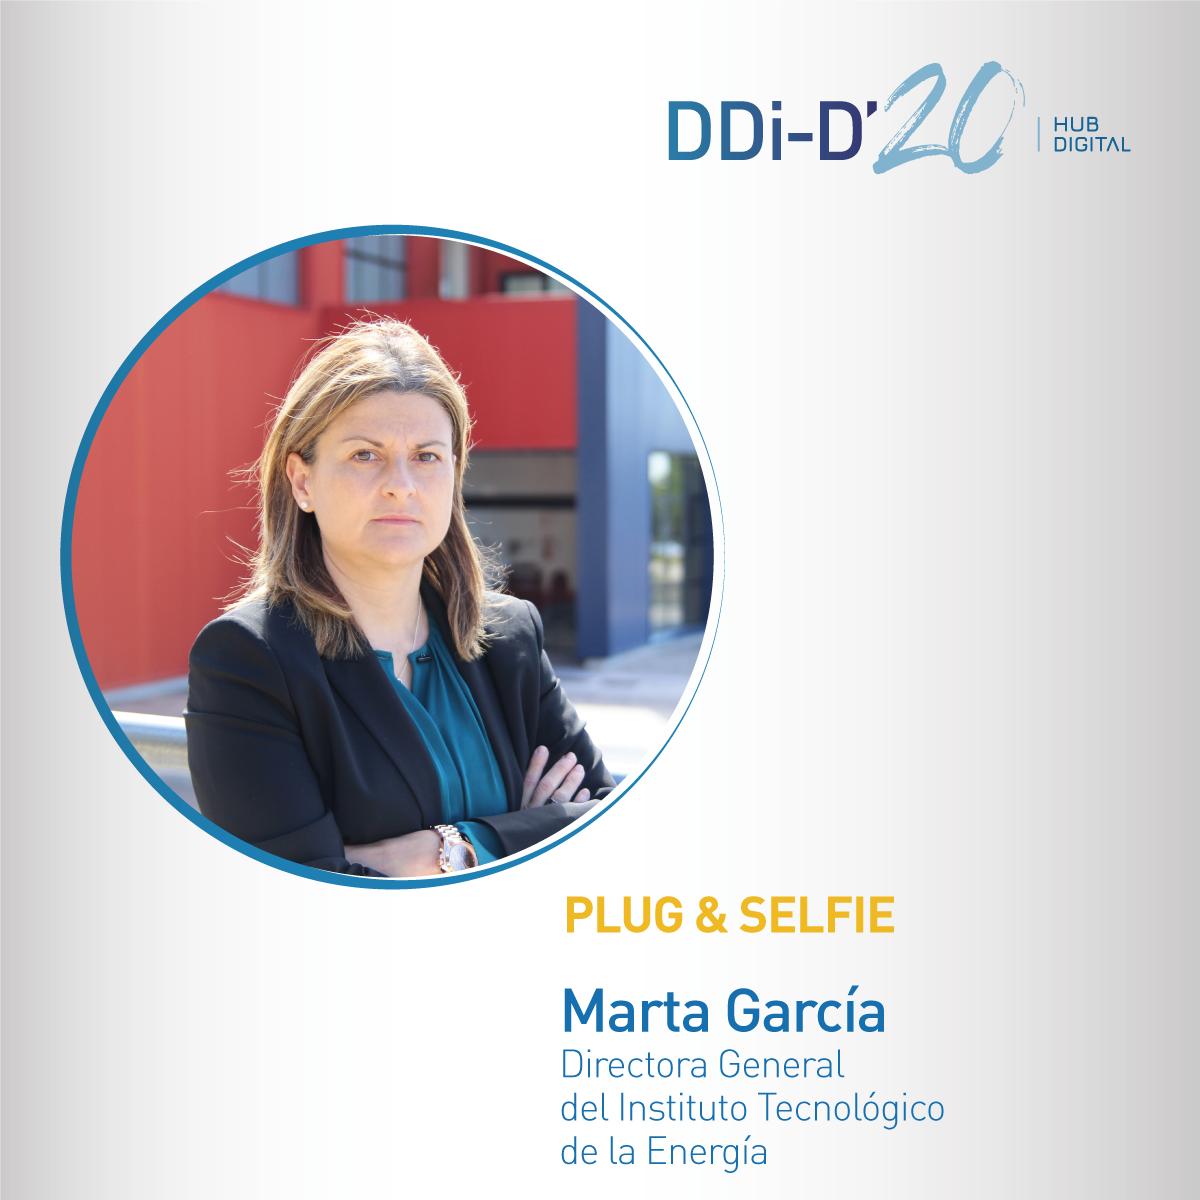 Plug & Selfie Marta García